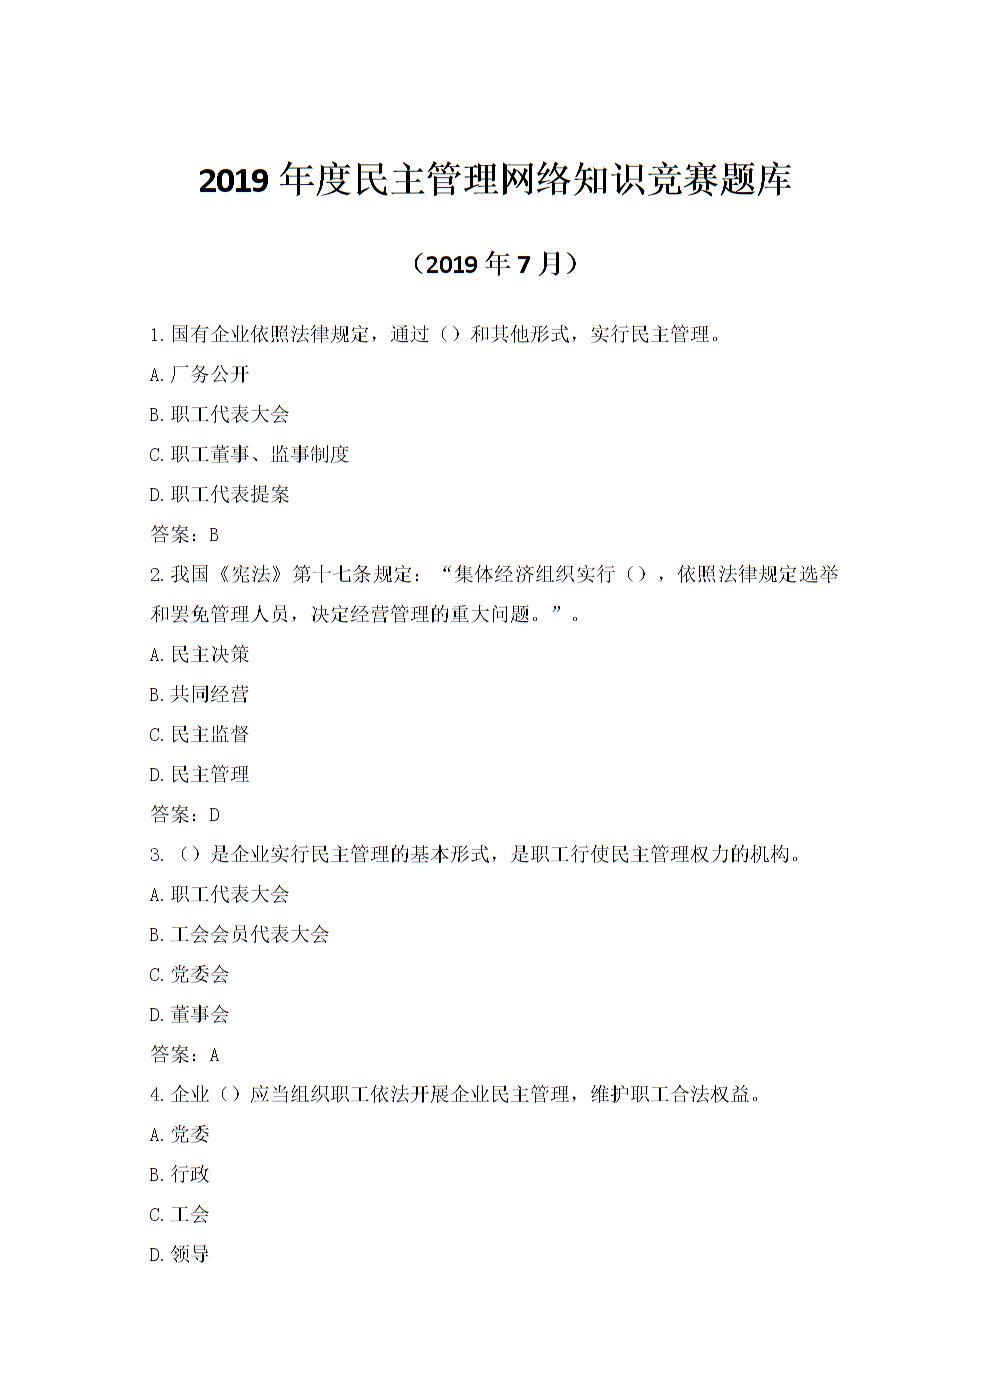 2019年度湖南省工会民主管理网络知识竞赛参考题库.docx